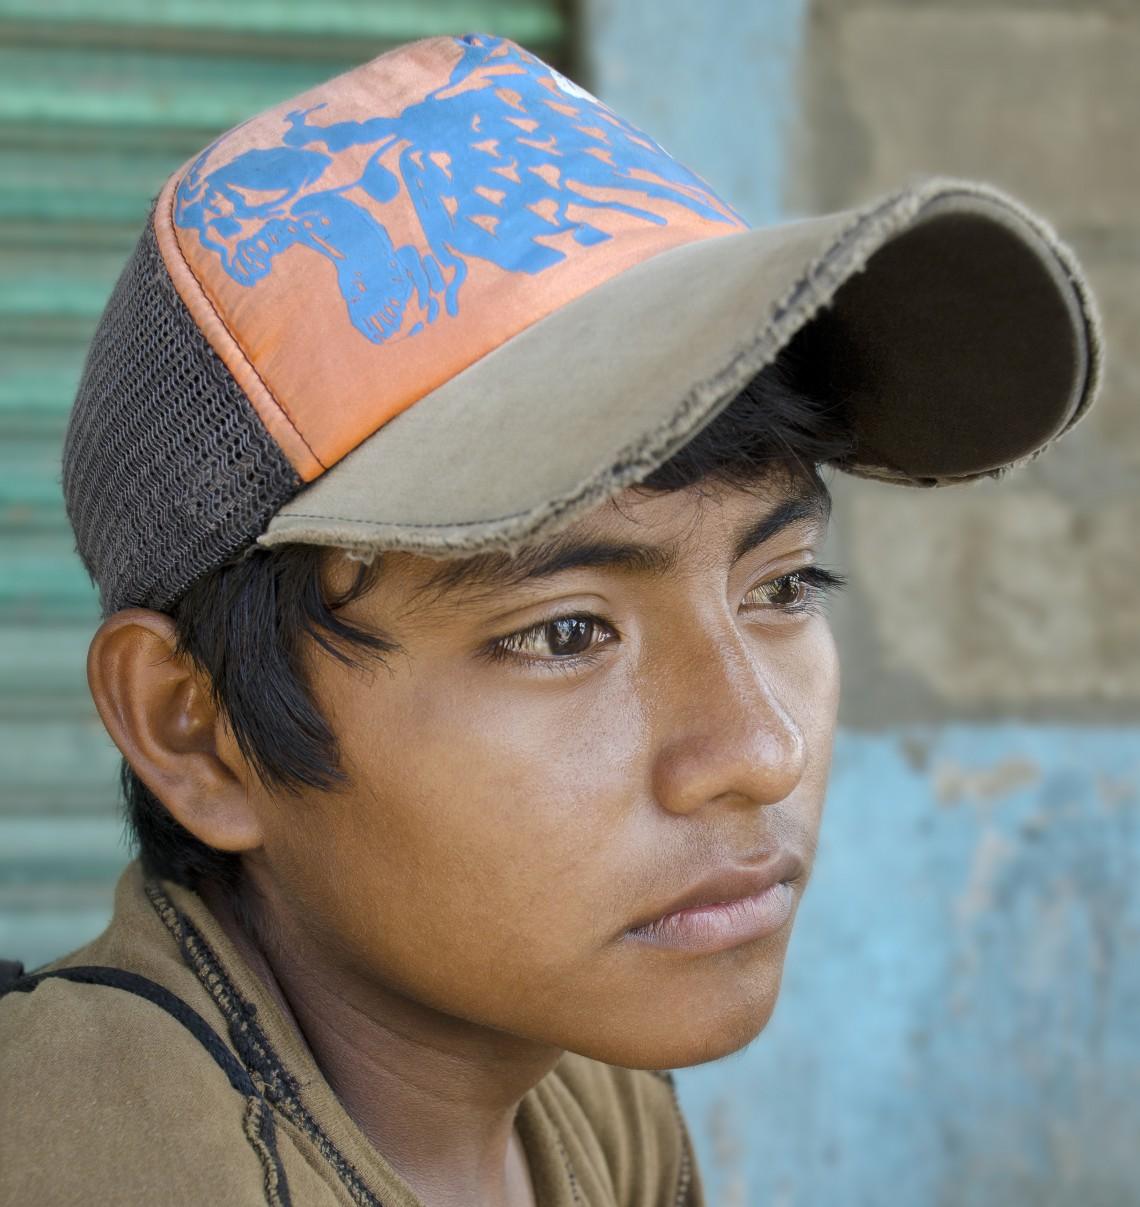 """Lærer om Hassan: """"Han er et menneske jeg aldri, aldri vil glemme. Jeg håper virkelig at det lykkes for han. Jeg var så stolt av den gutten der!"""" Illustrasjonsbilde: Shutterstock"""